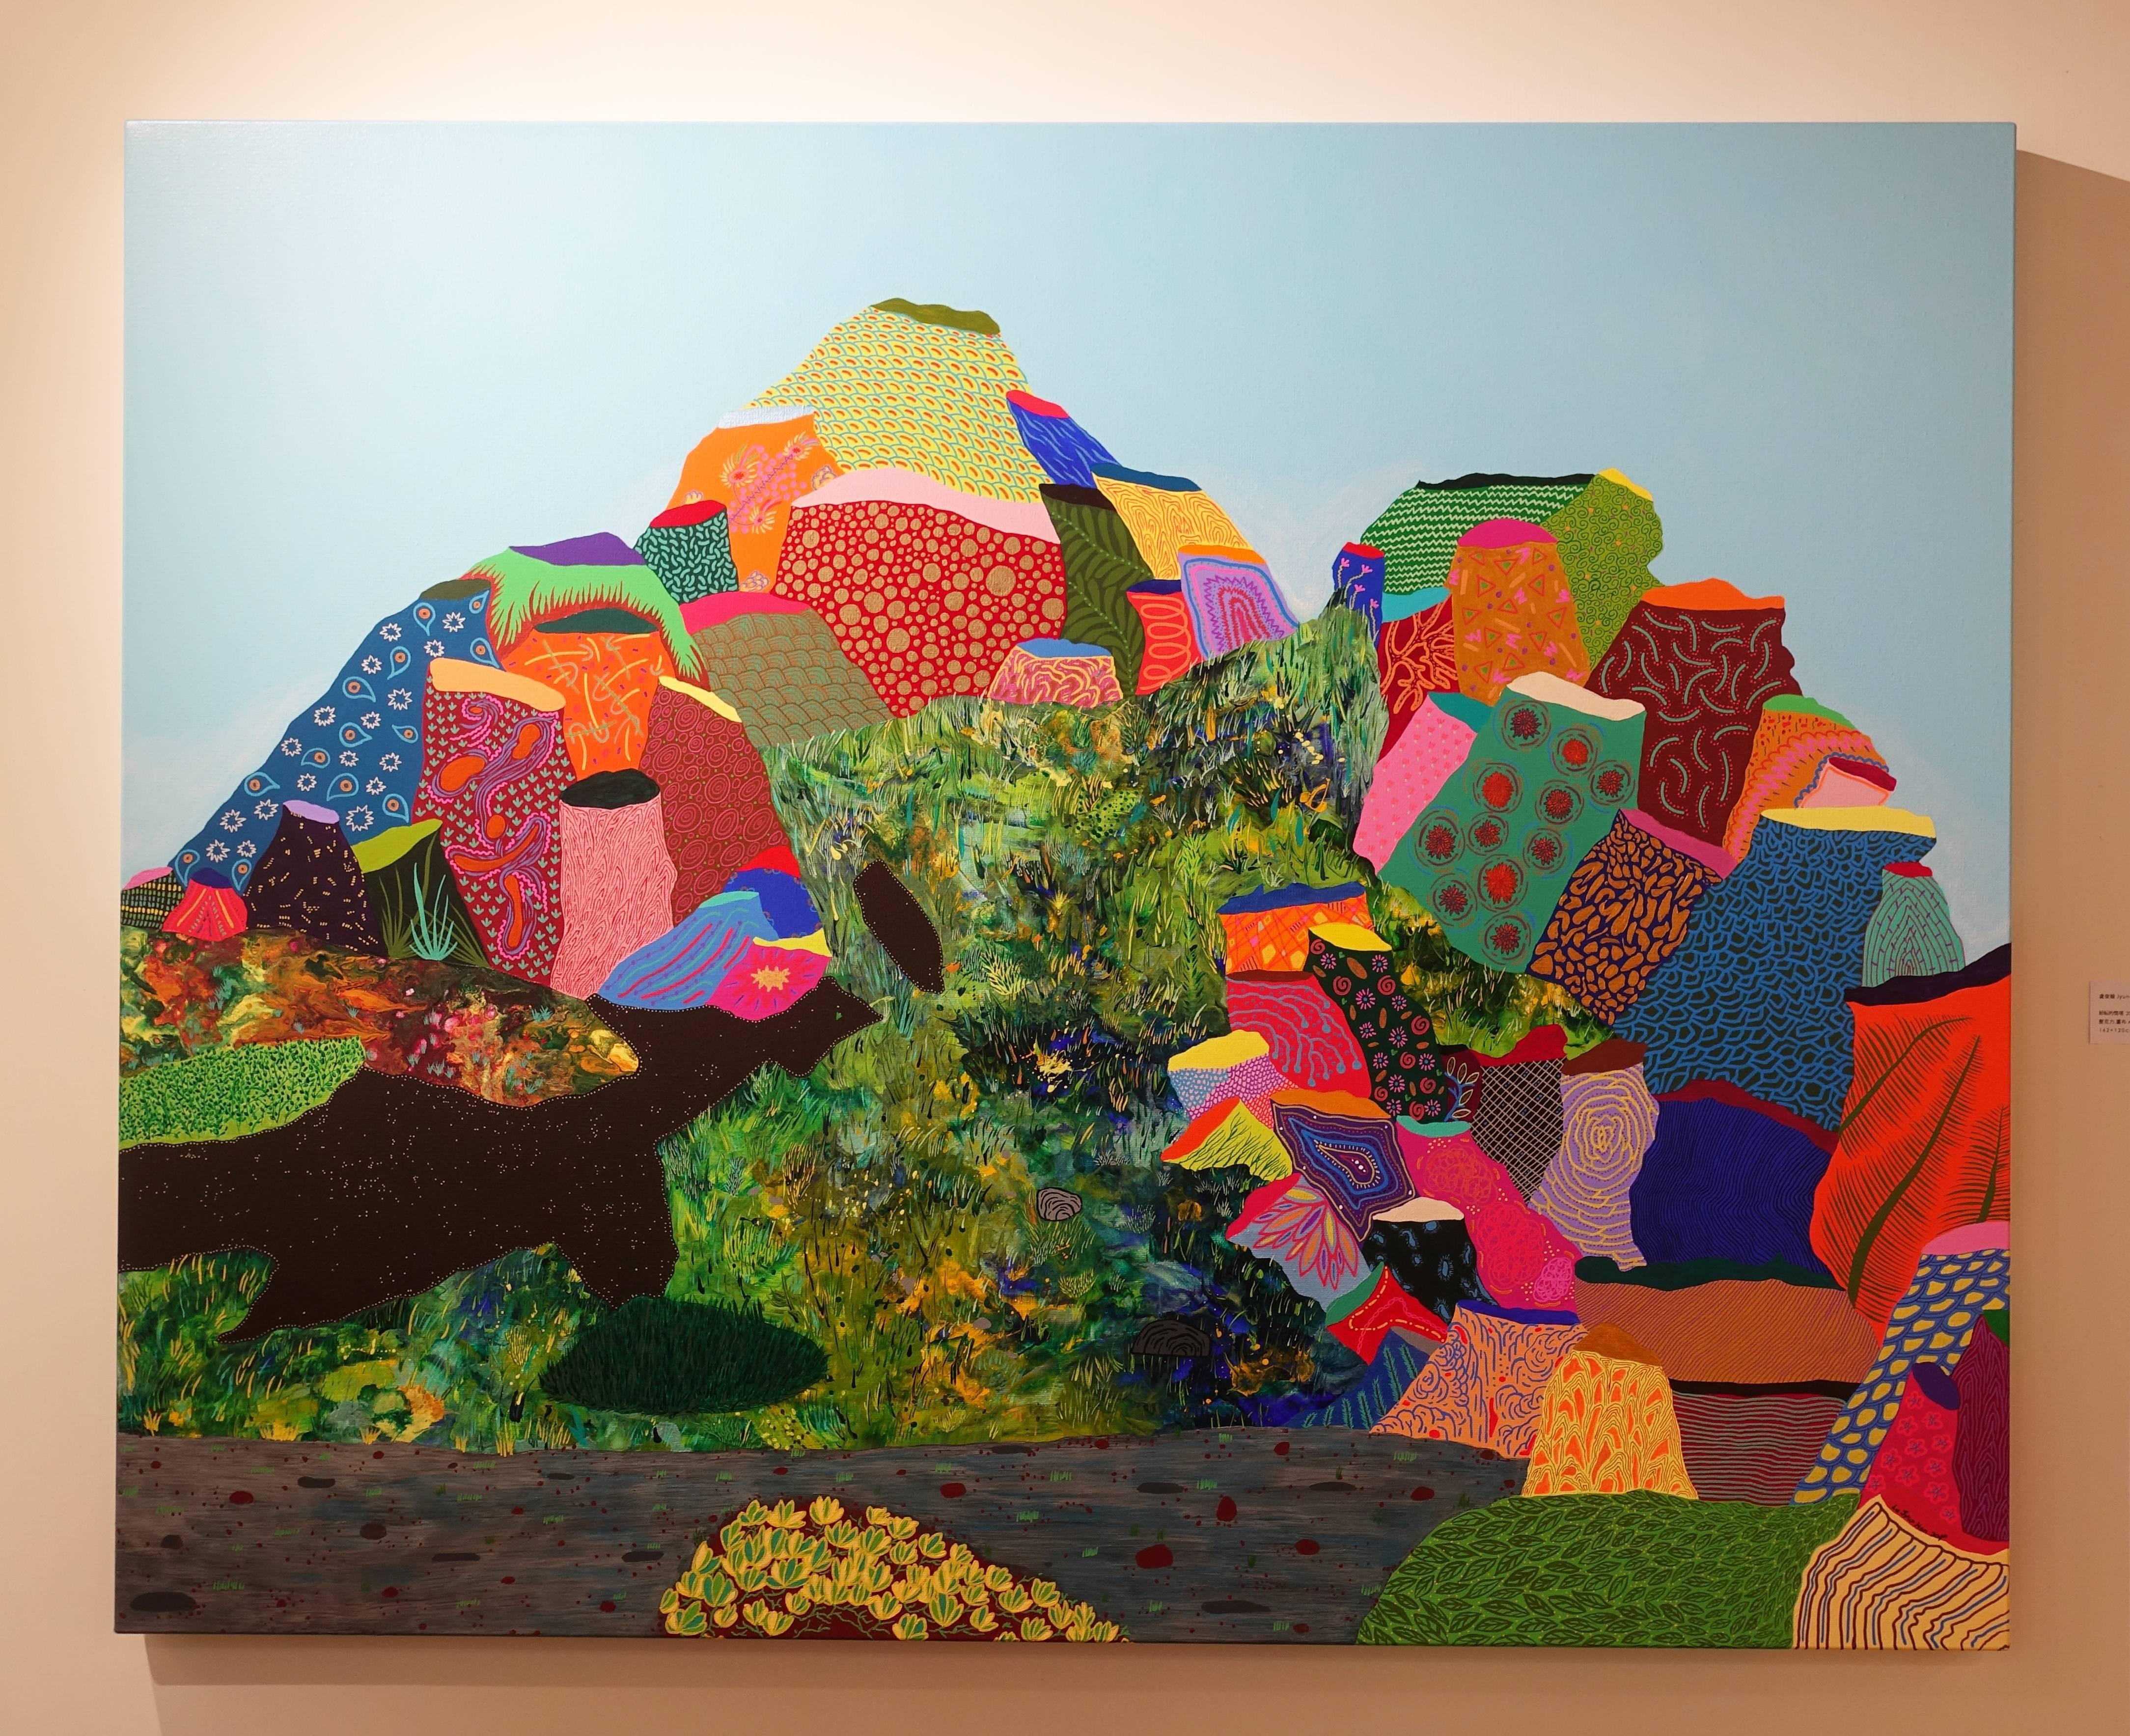 盧俊翰,《紛紜的情境》, 162 x 120 cm,壓克力,2019。